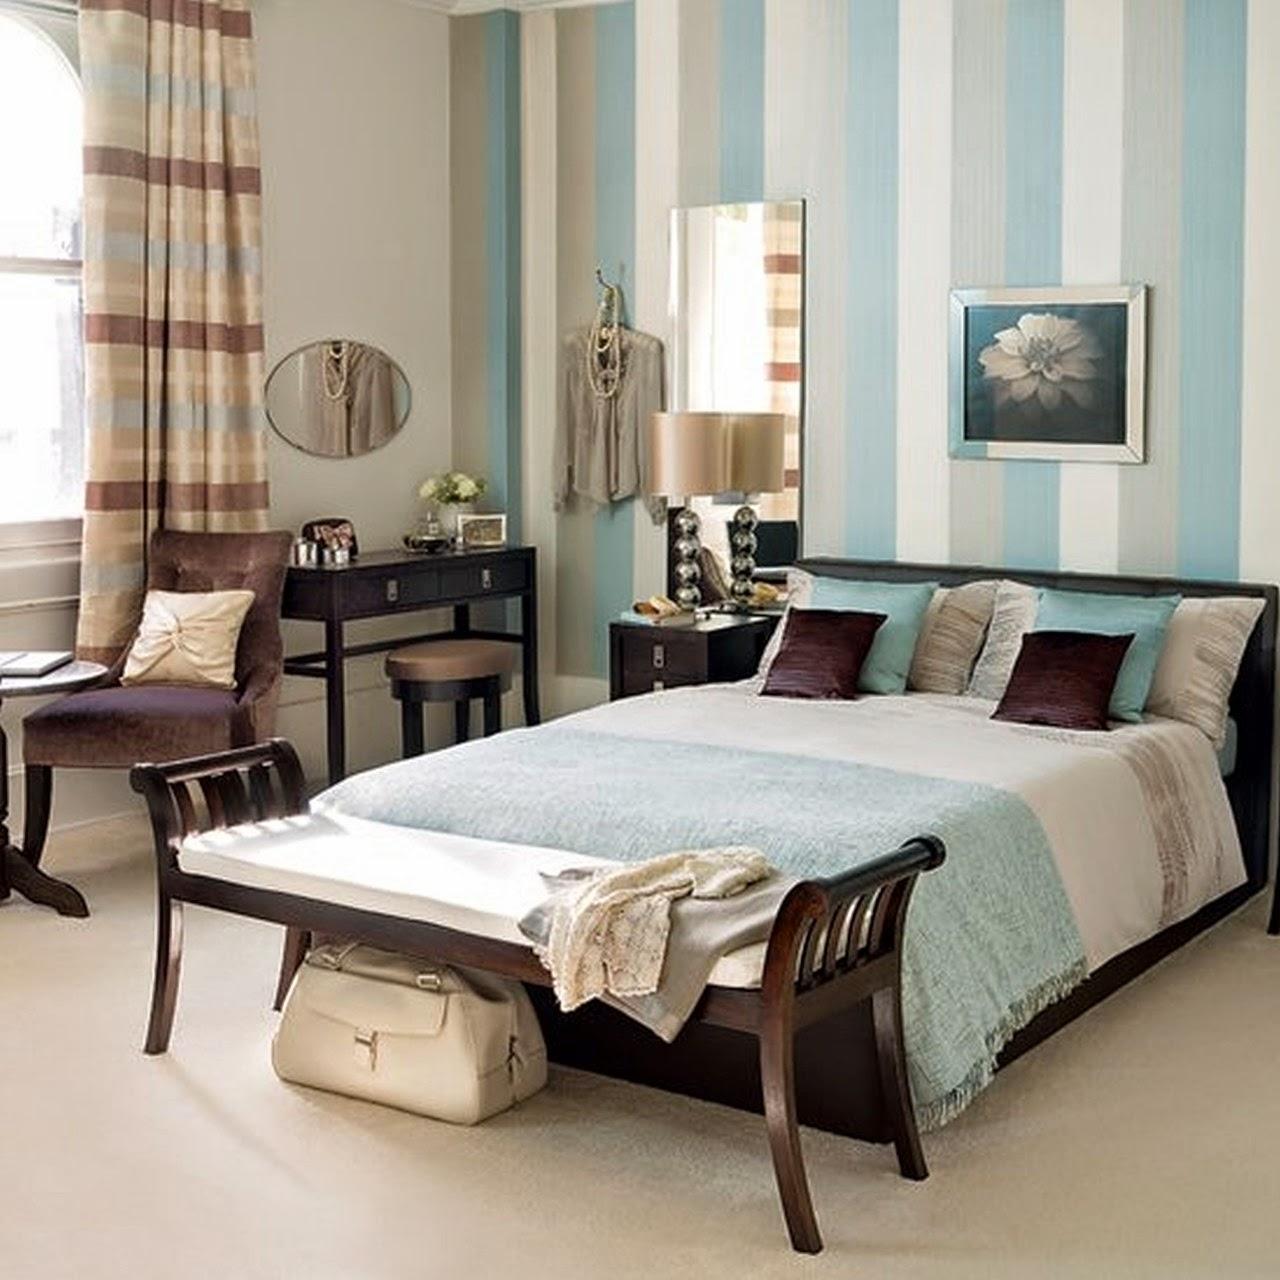 спальня в голубых оттенках: кровать с банкеткой и туалетный столик